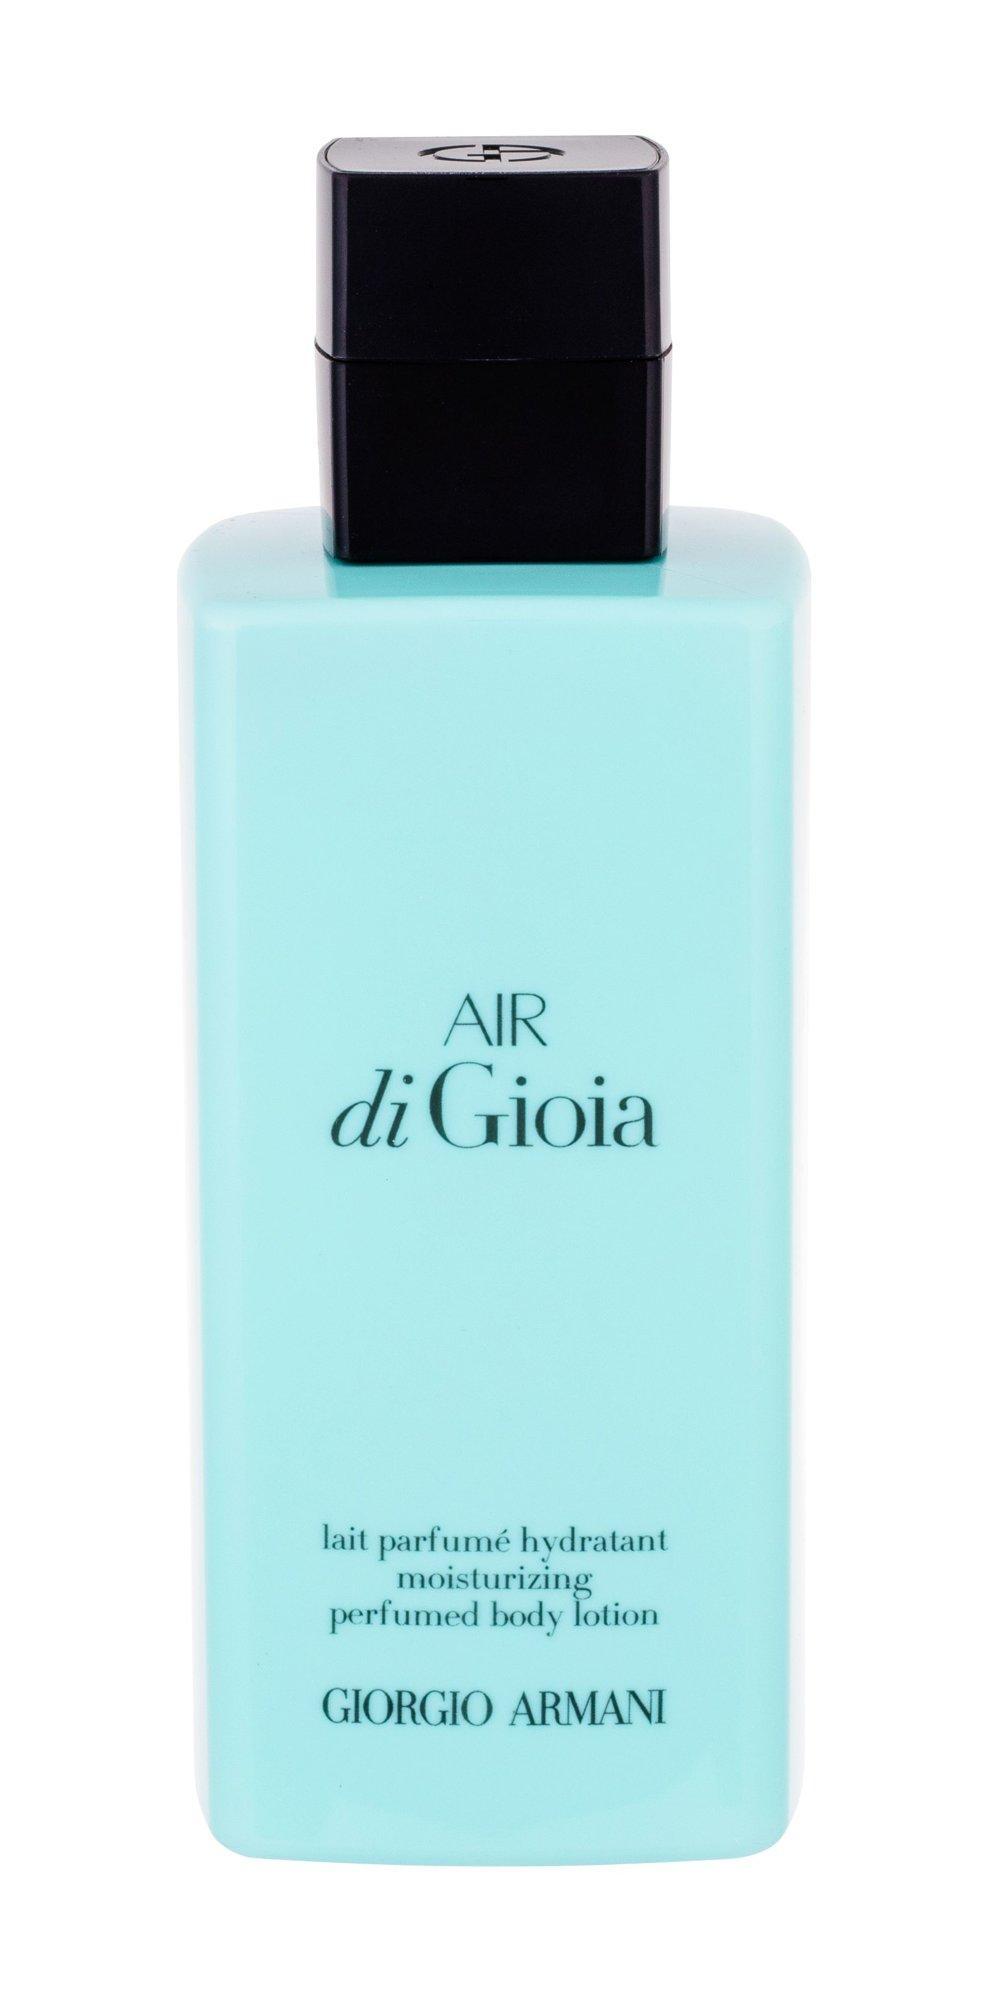 Giorgio Armani Air di Gioia Body lotion 200ml